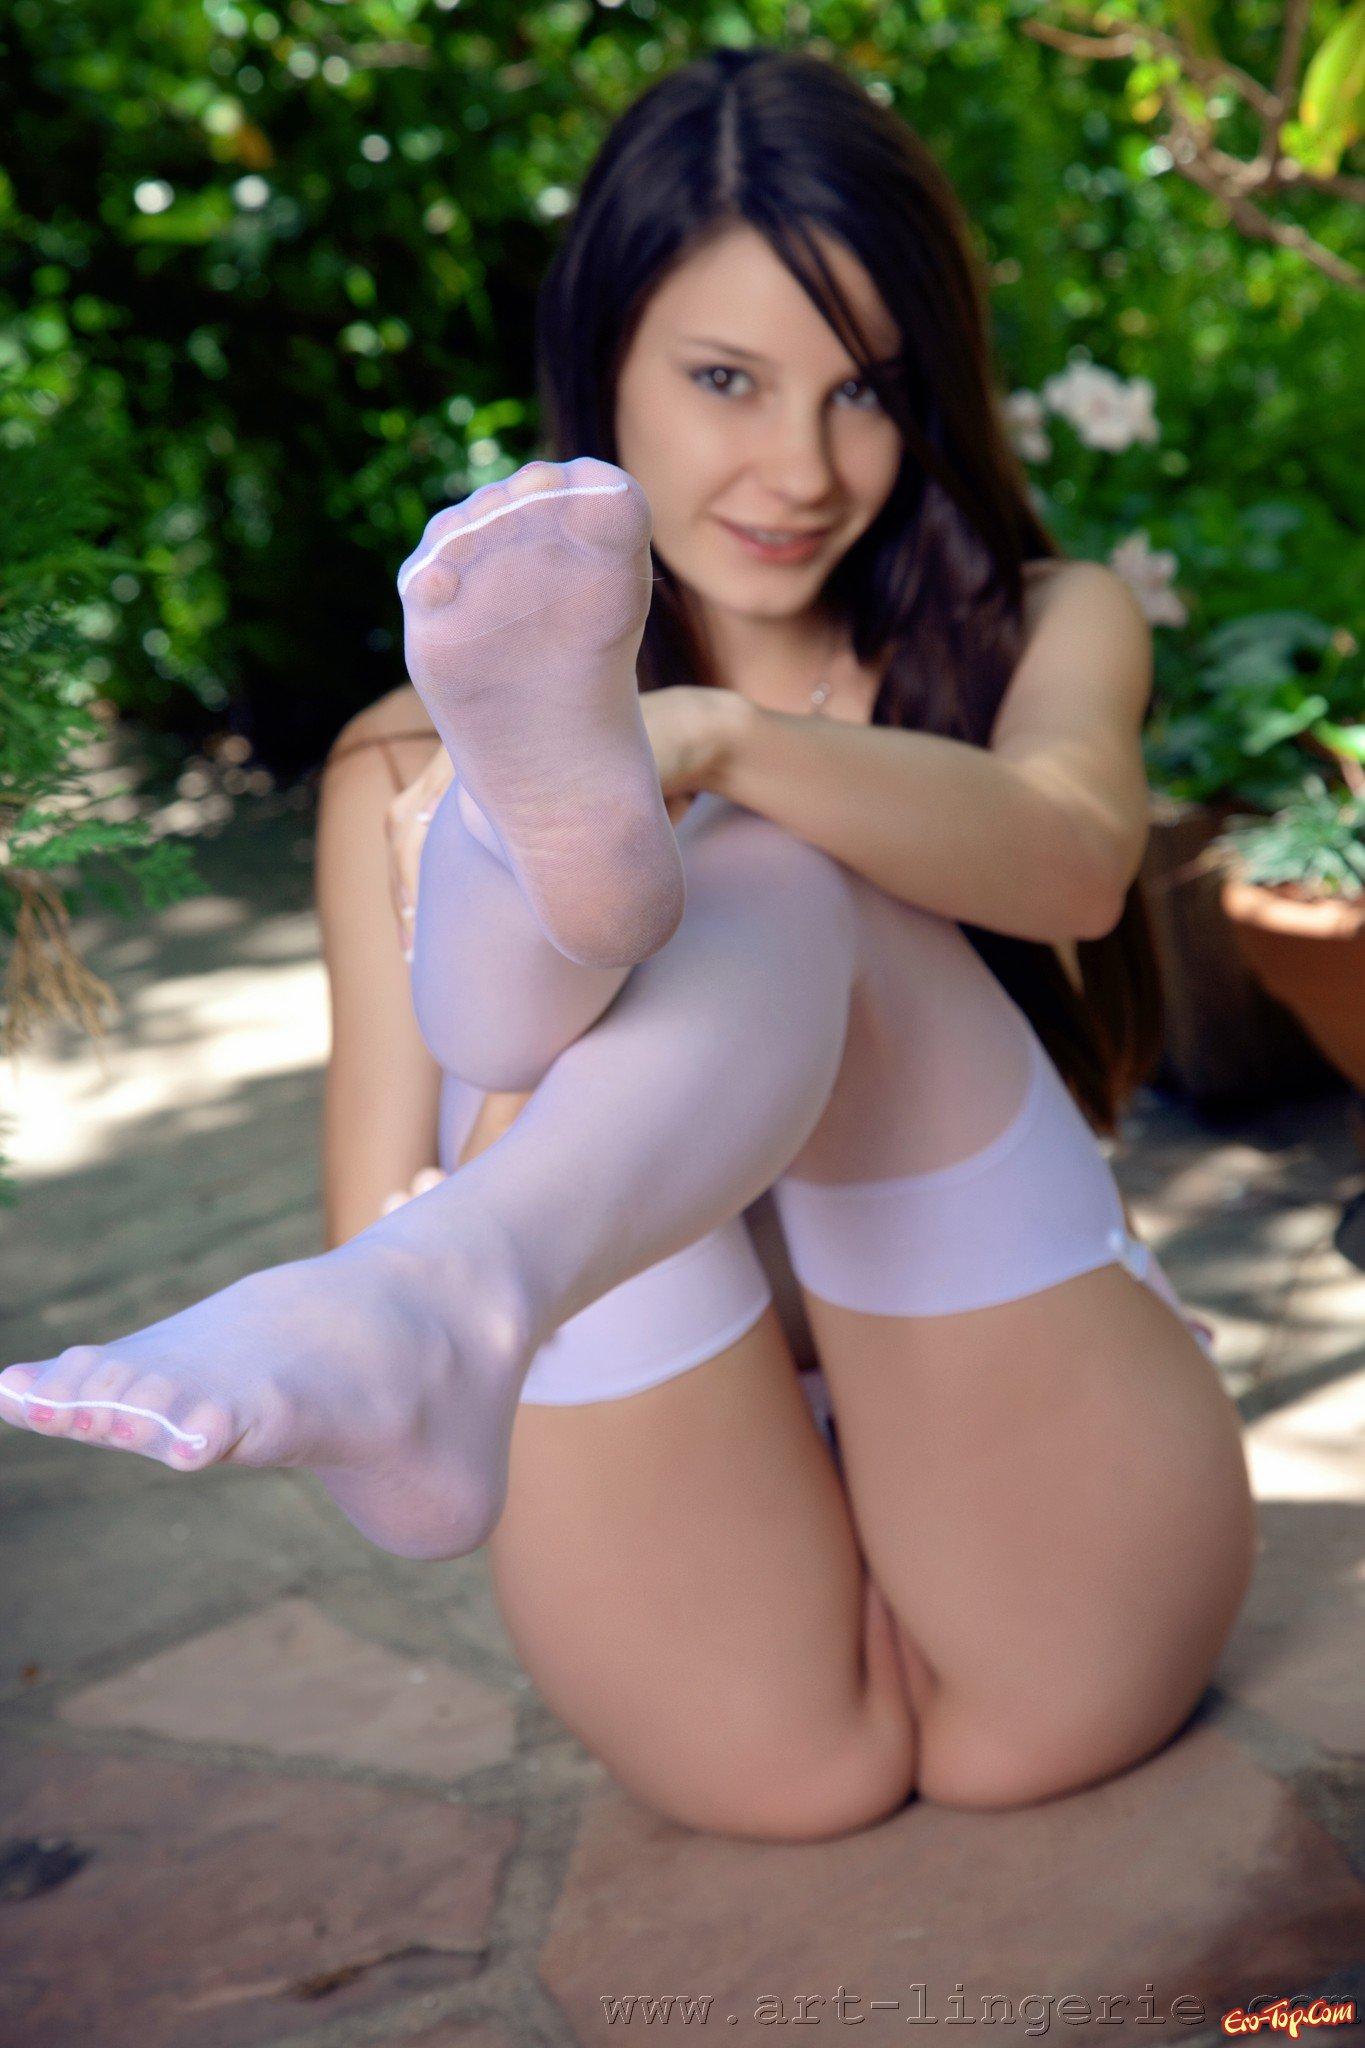 Проститутка в розовых носках